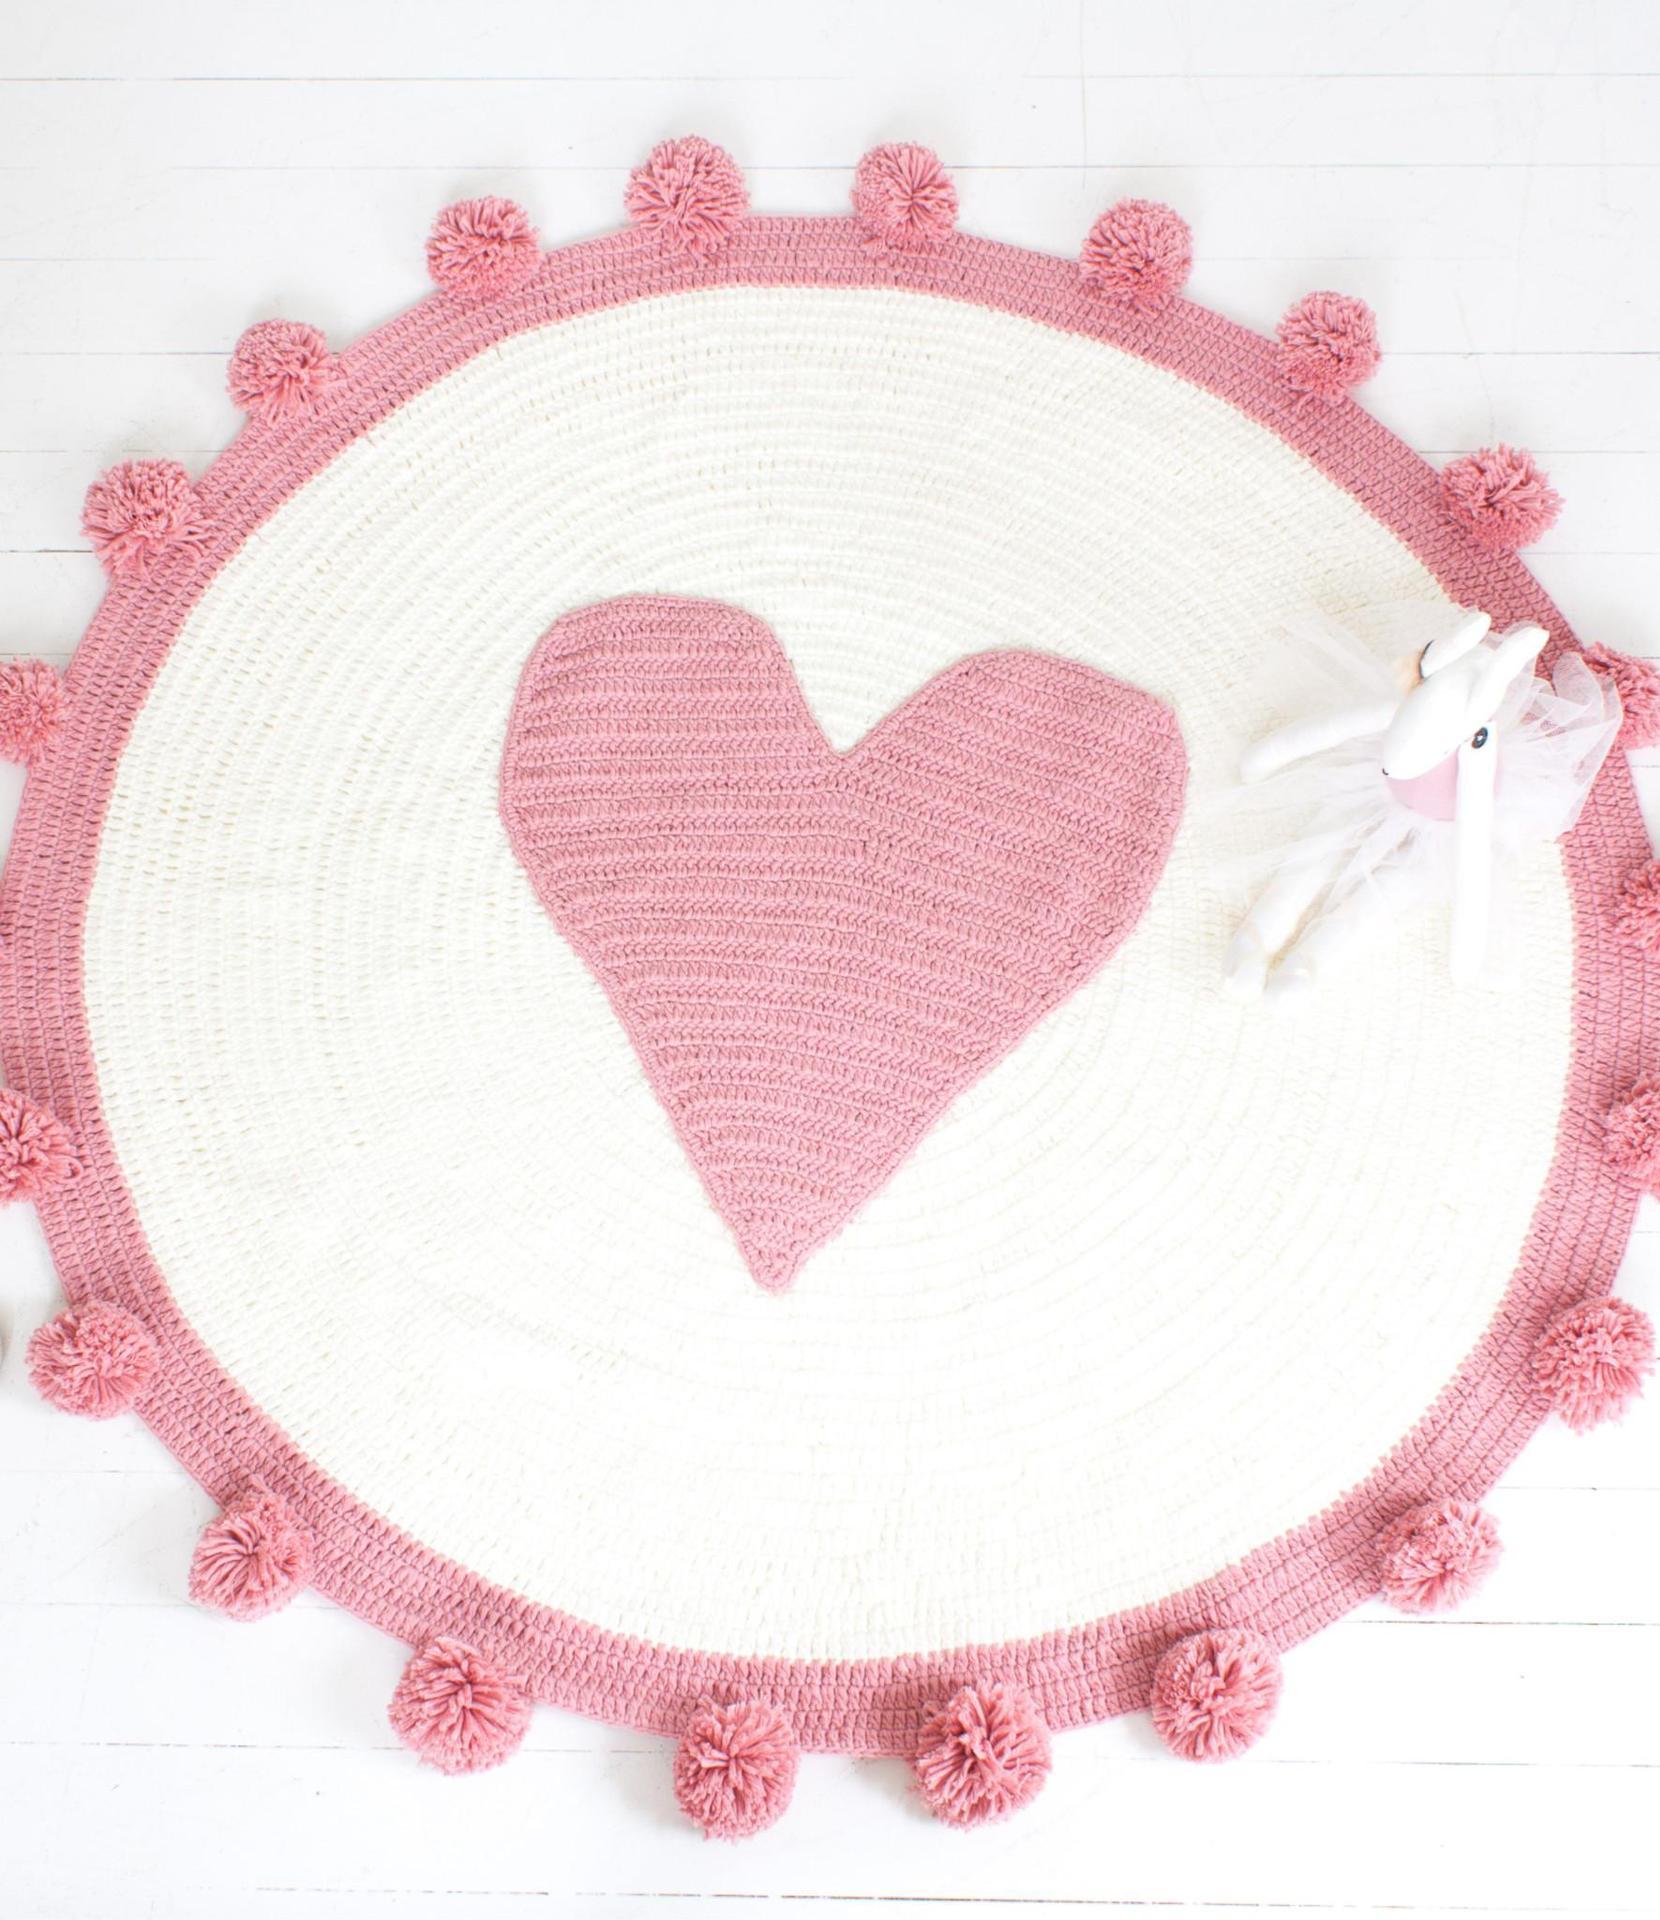 Tapis crochet à la main coeur rose gland tapis 90 cm chambre d'enfant décor tapis doux coton bébé photographie accessoires tapis